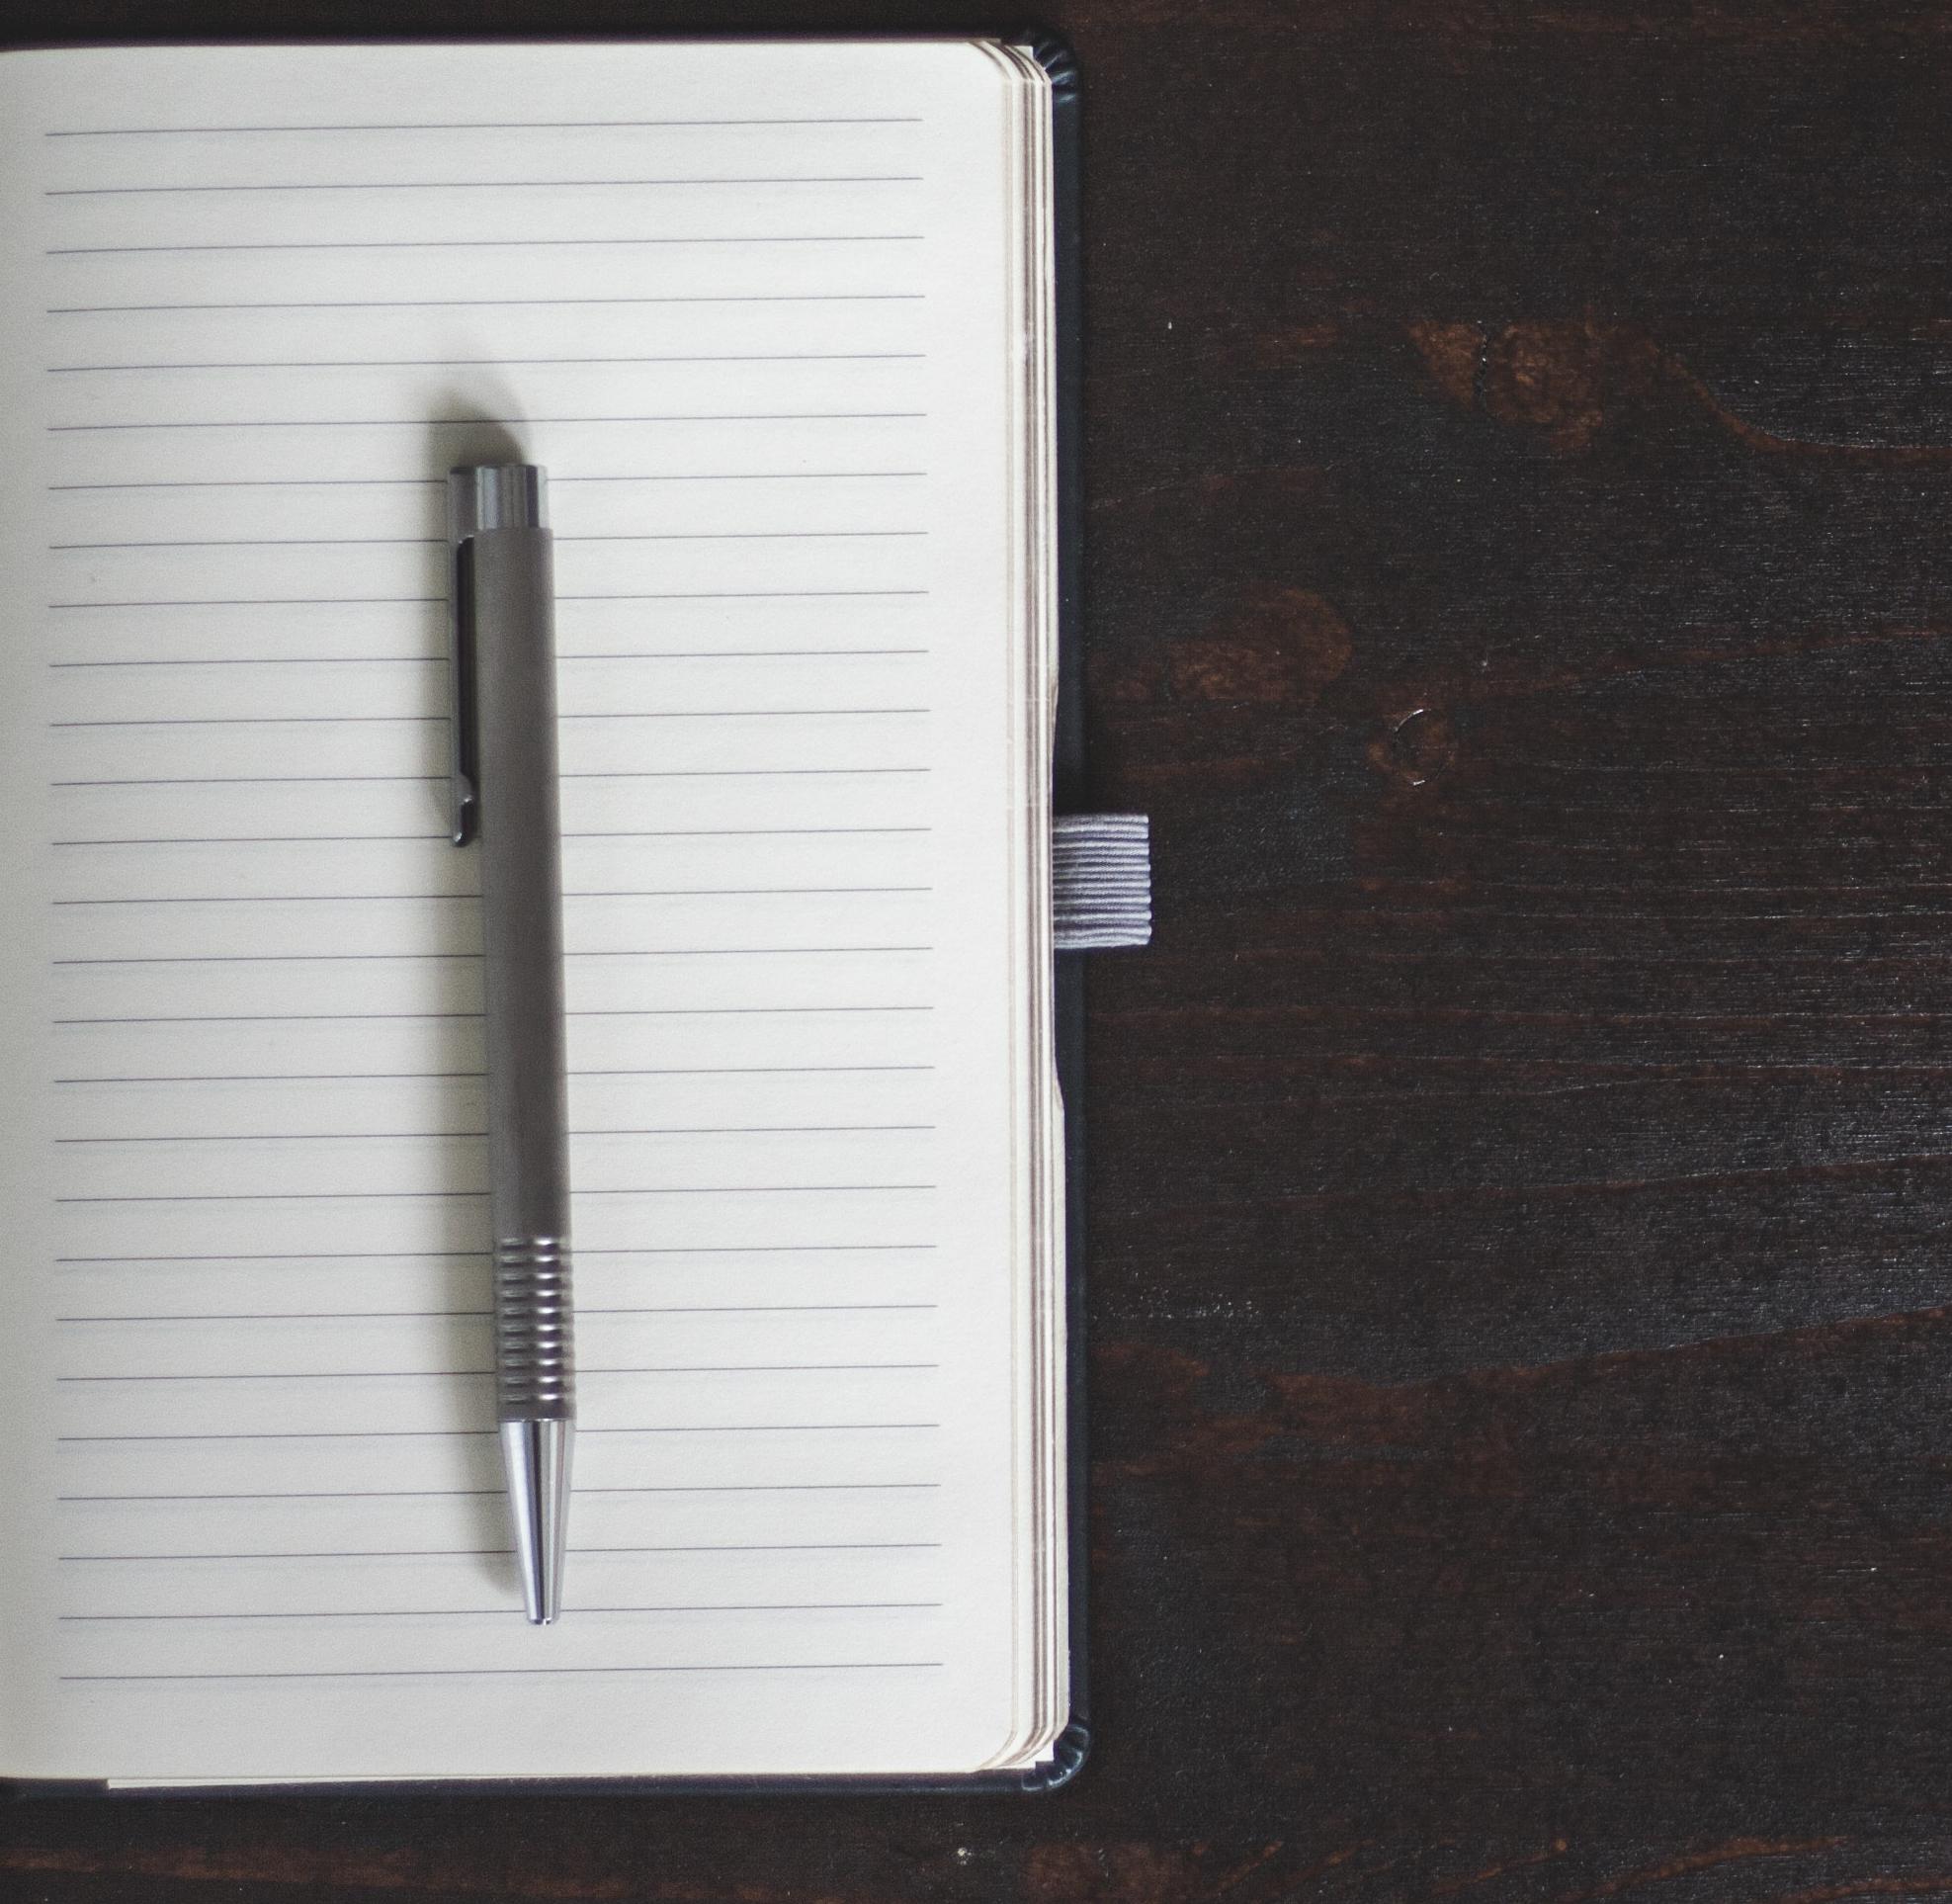 notebook_cut.jpg